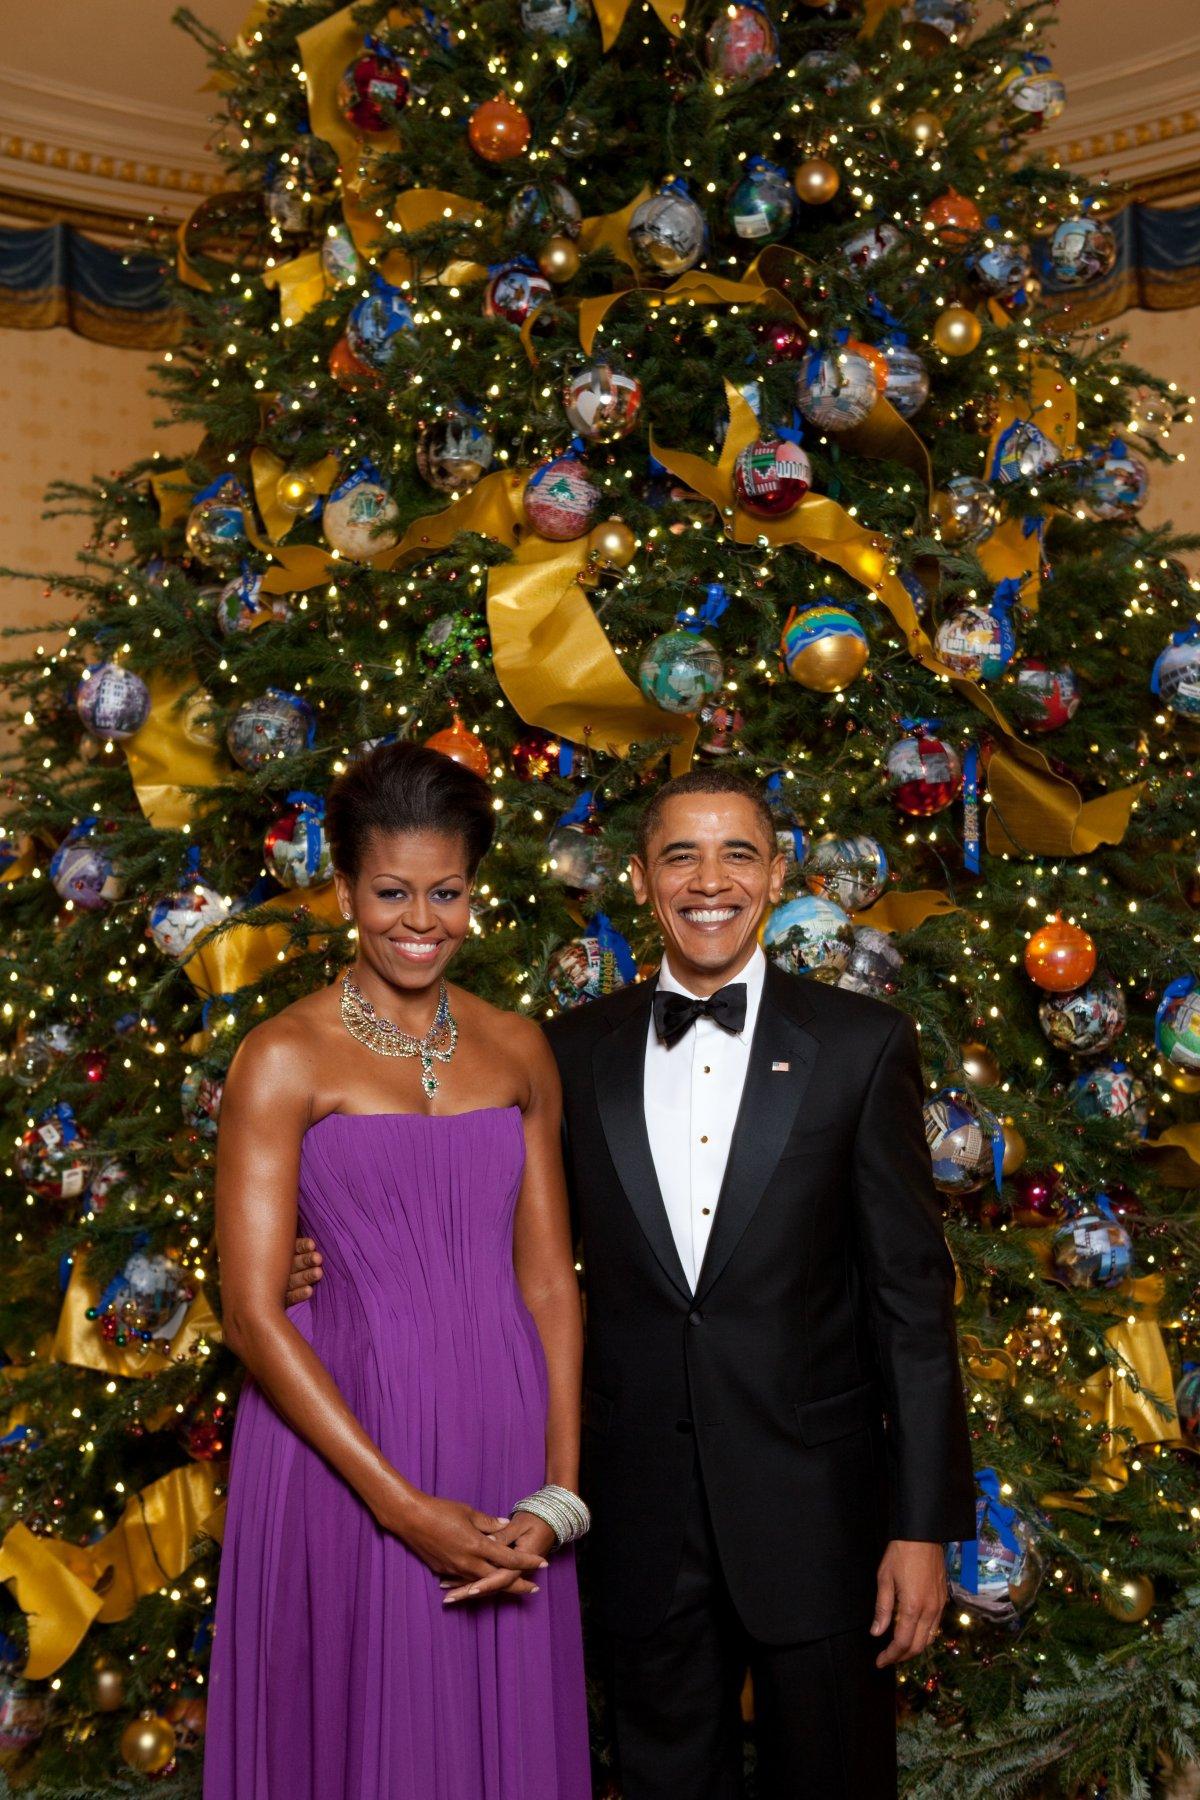 Fot�grafo de Obama: 2 milh�es de fotos em 8 anos 08